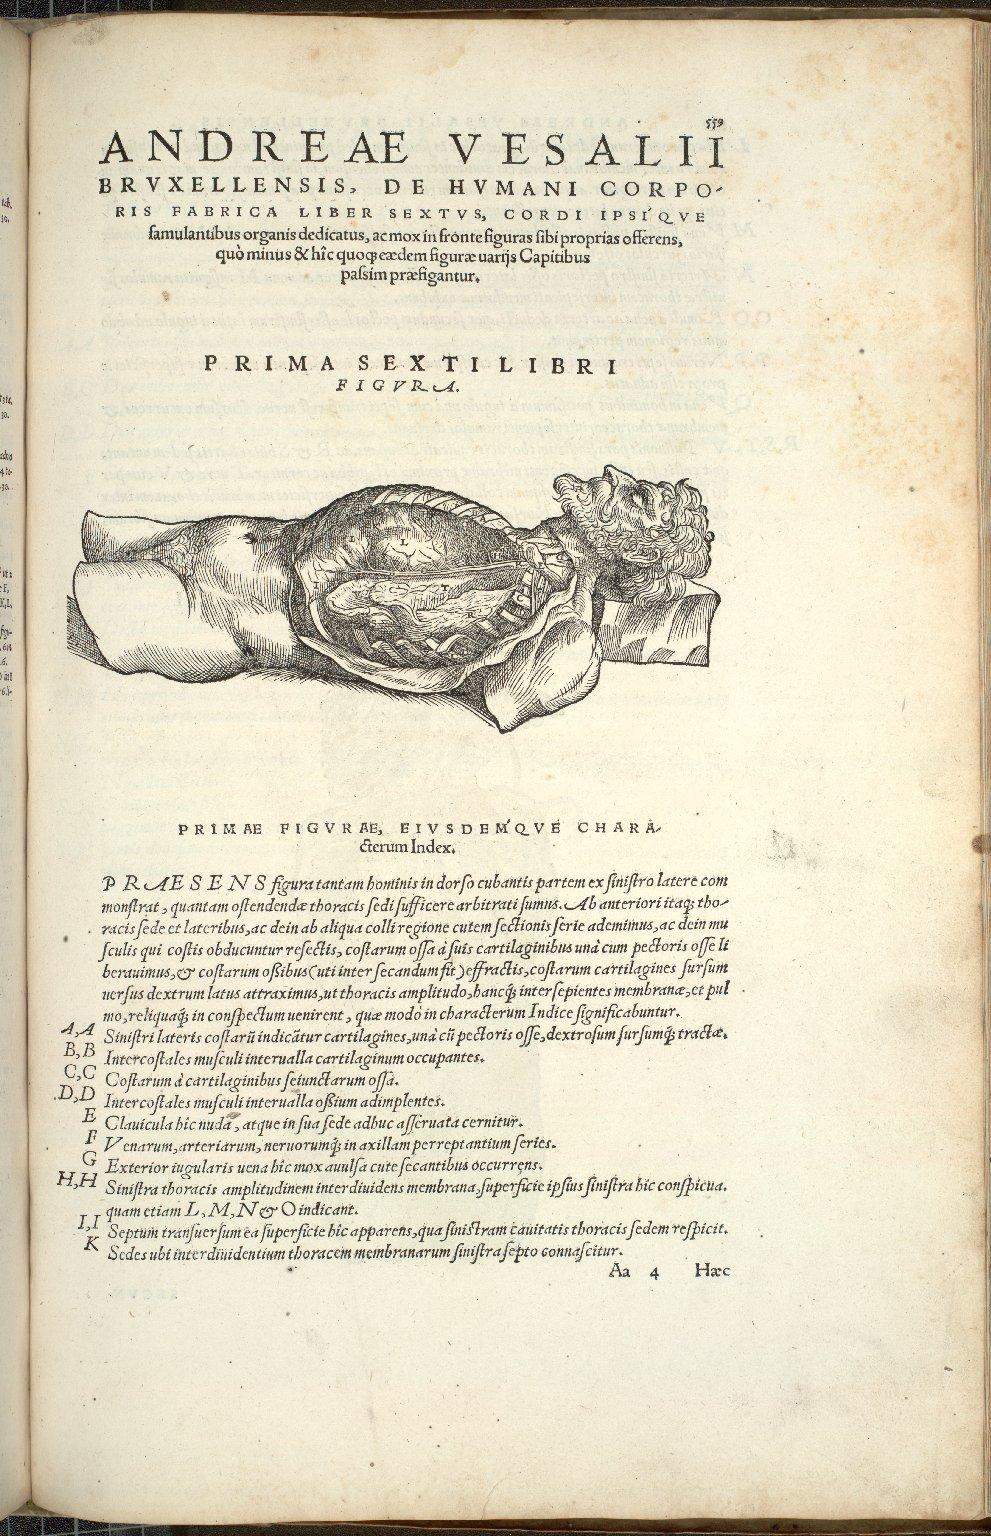 Prima Sexti Libri Figura.